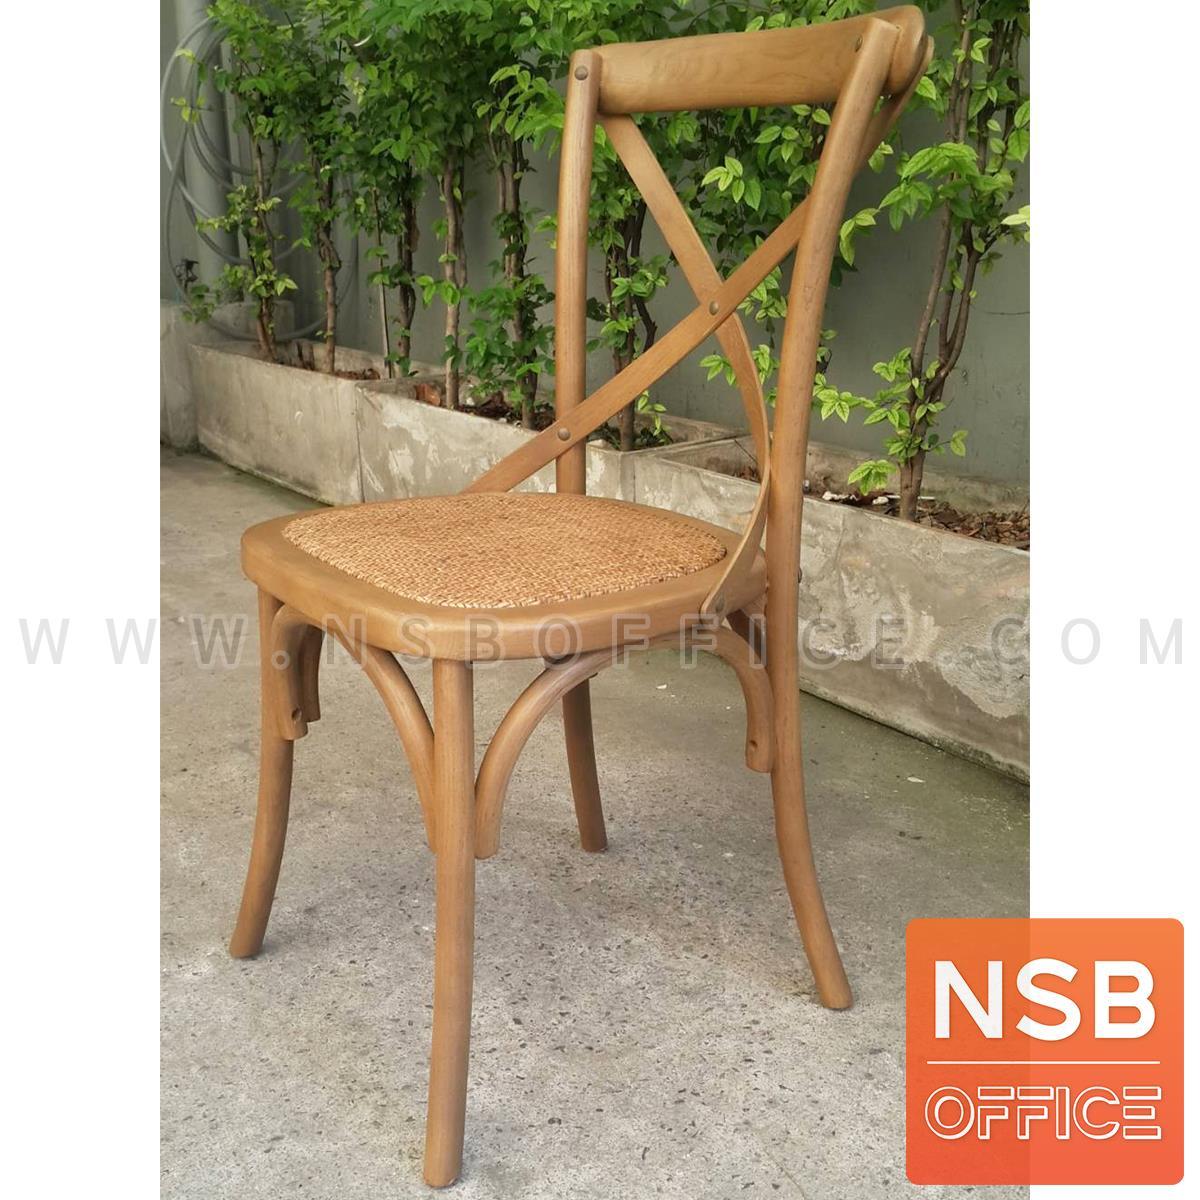 เก้าอี้โมเดิร์นไม้ รุ่น Alife (ออลไลฟ์)  โครงไม้ เบาะหวายสาน